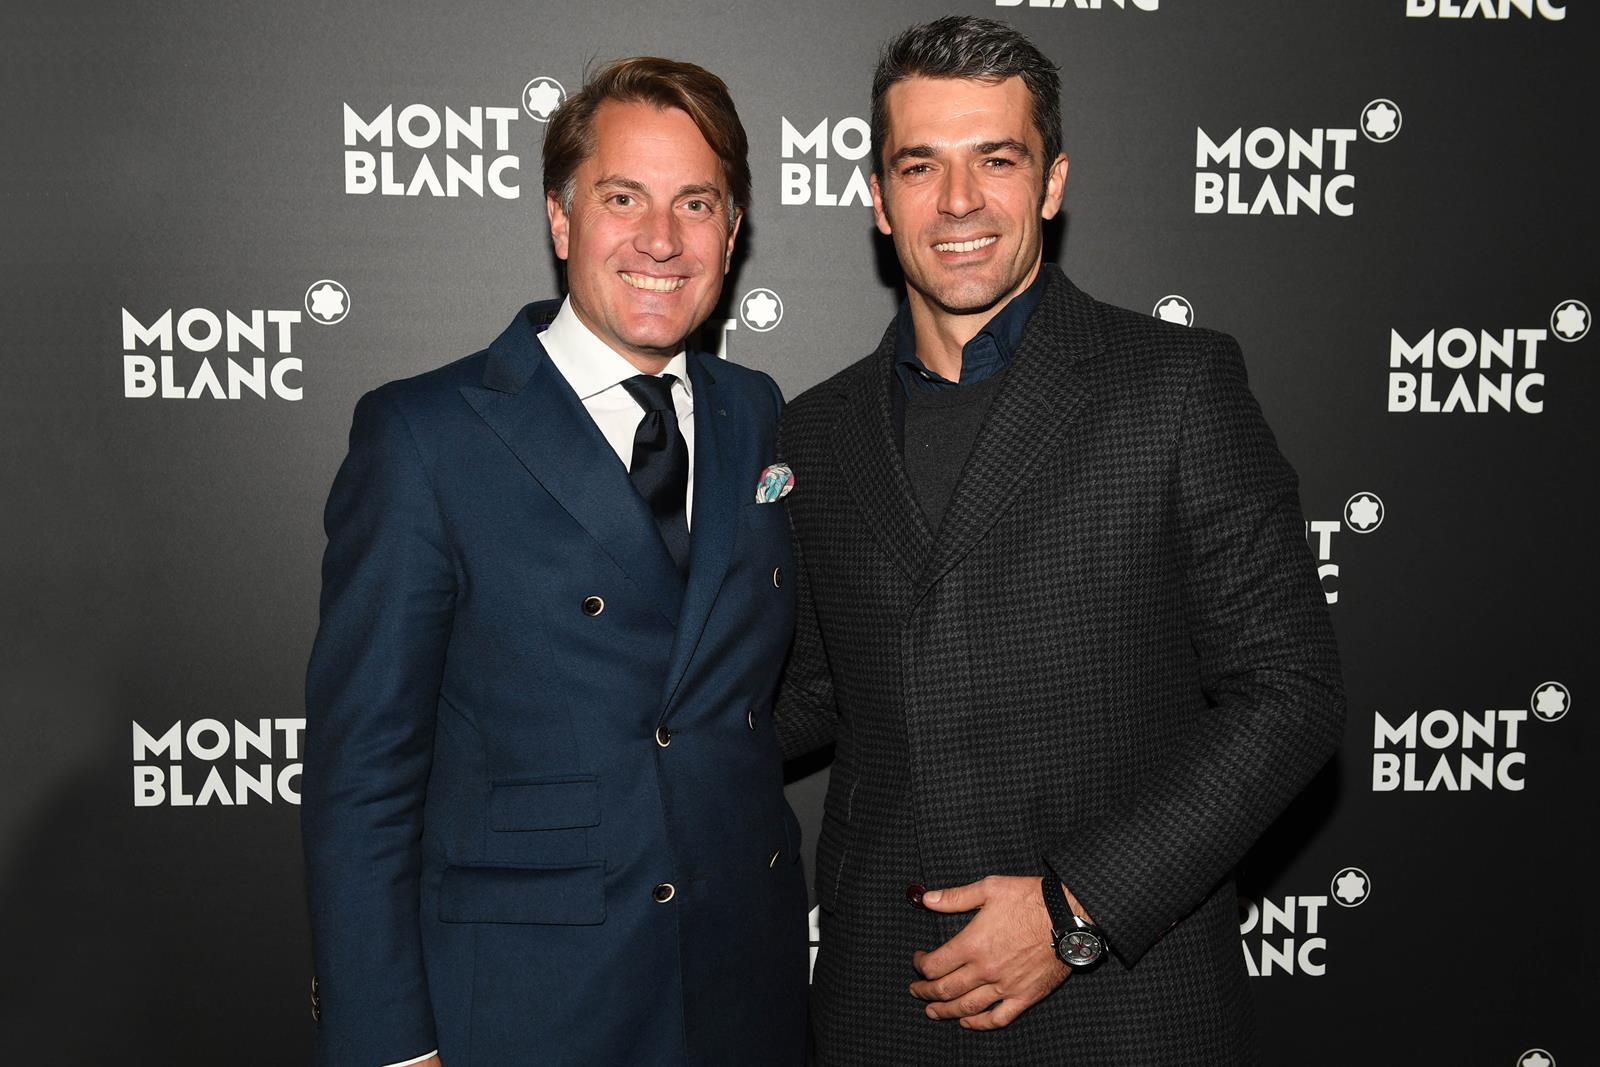 Christian Rauch e Luca Argentero all'inaugurazione della boutique Montblanc in Galleria Vittorio Emanuele